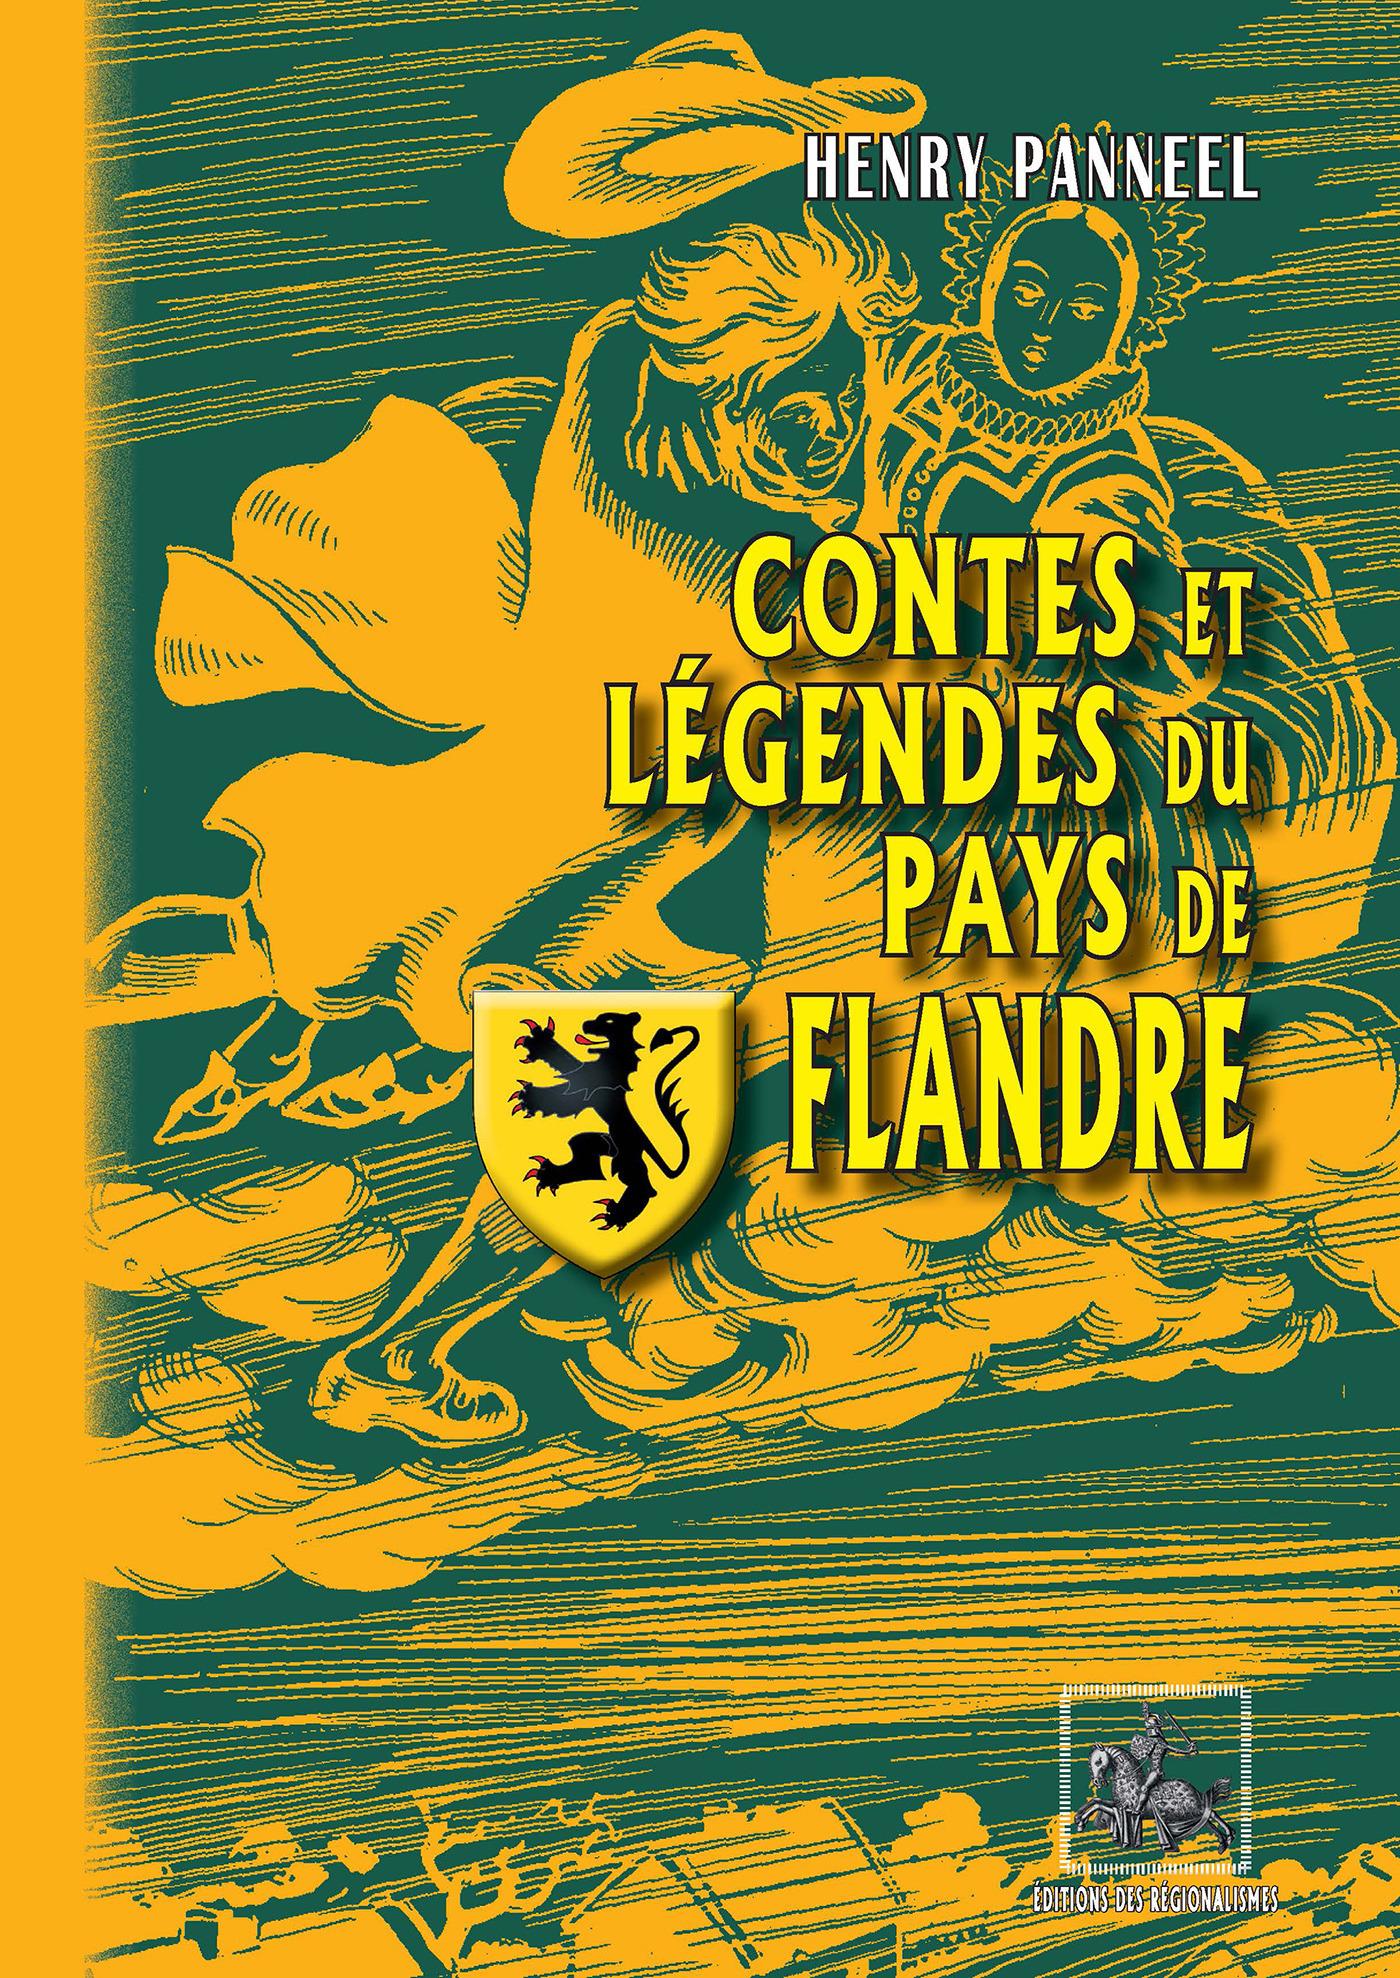 Contes et légendes du pays de Flandre